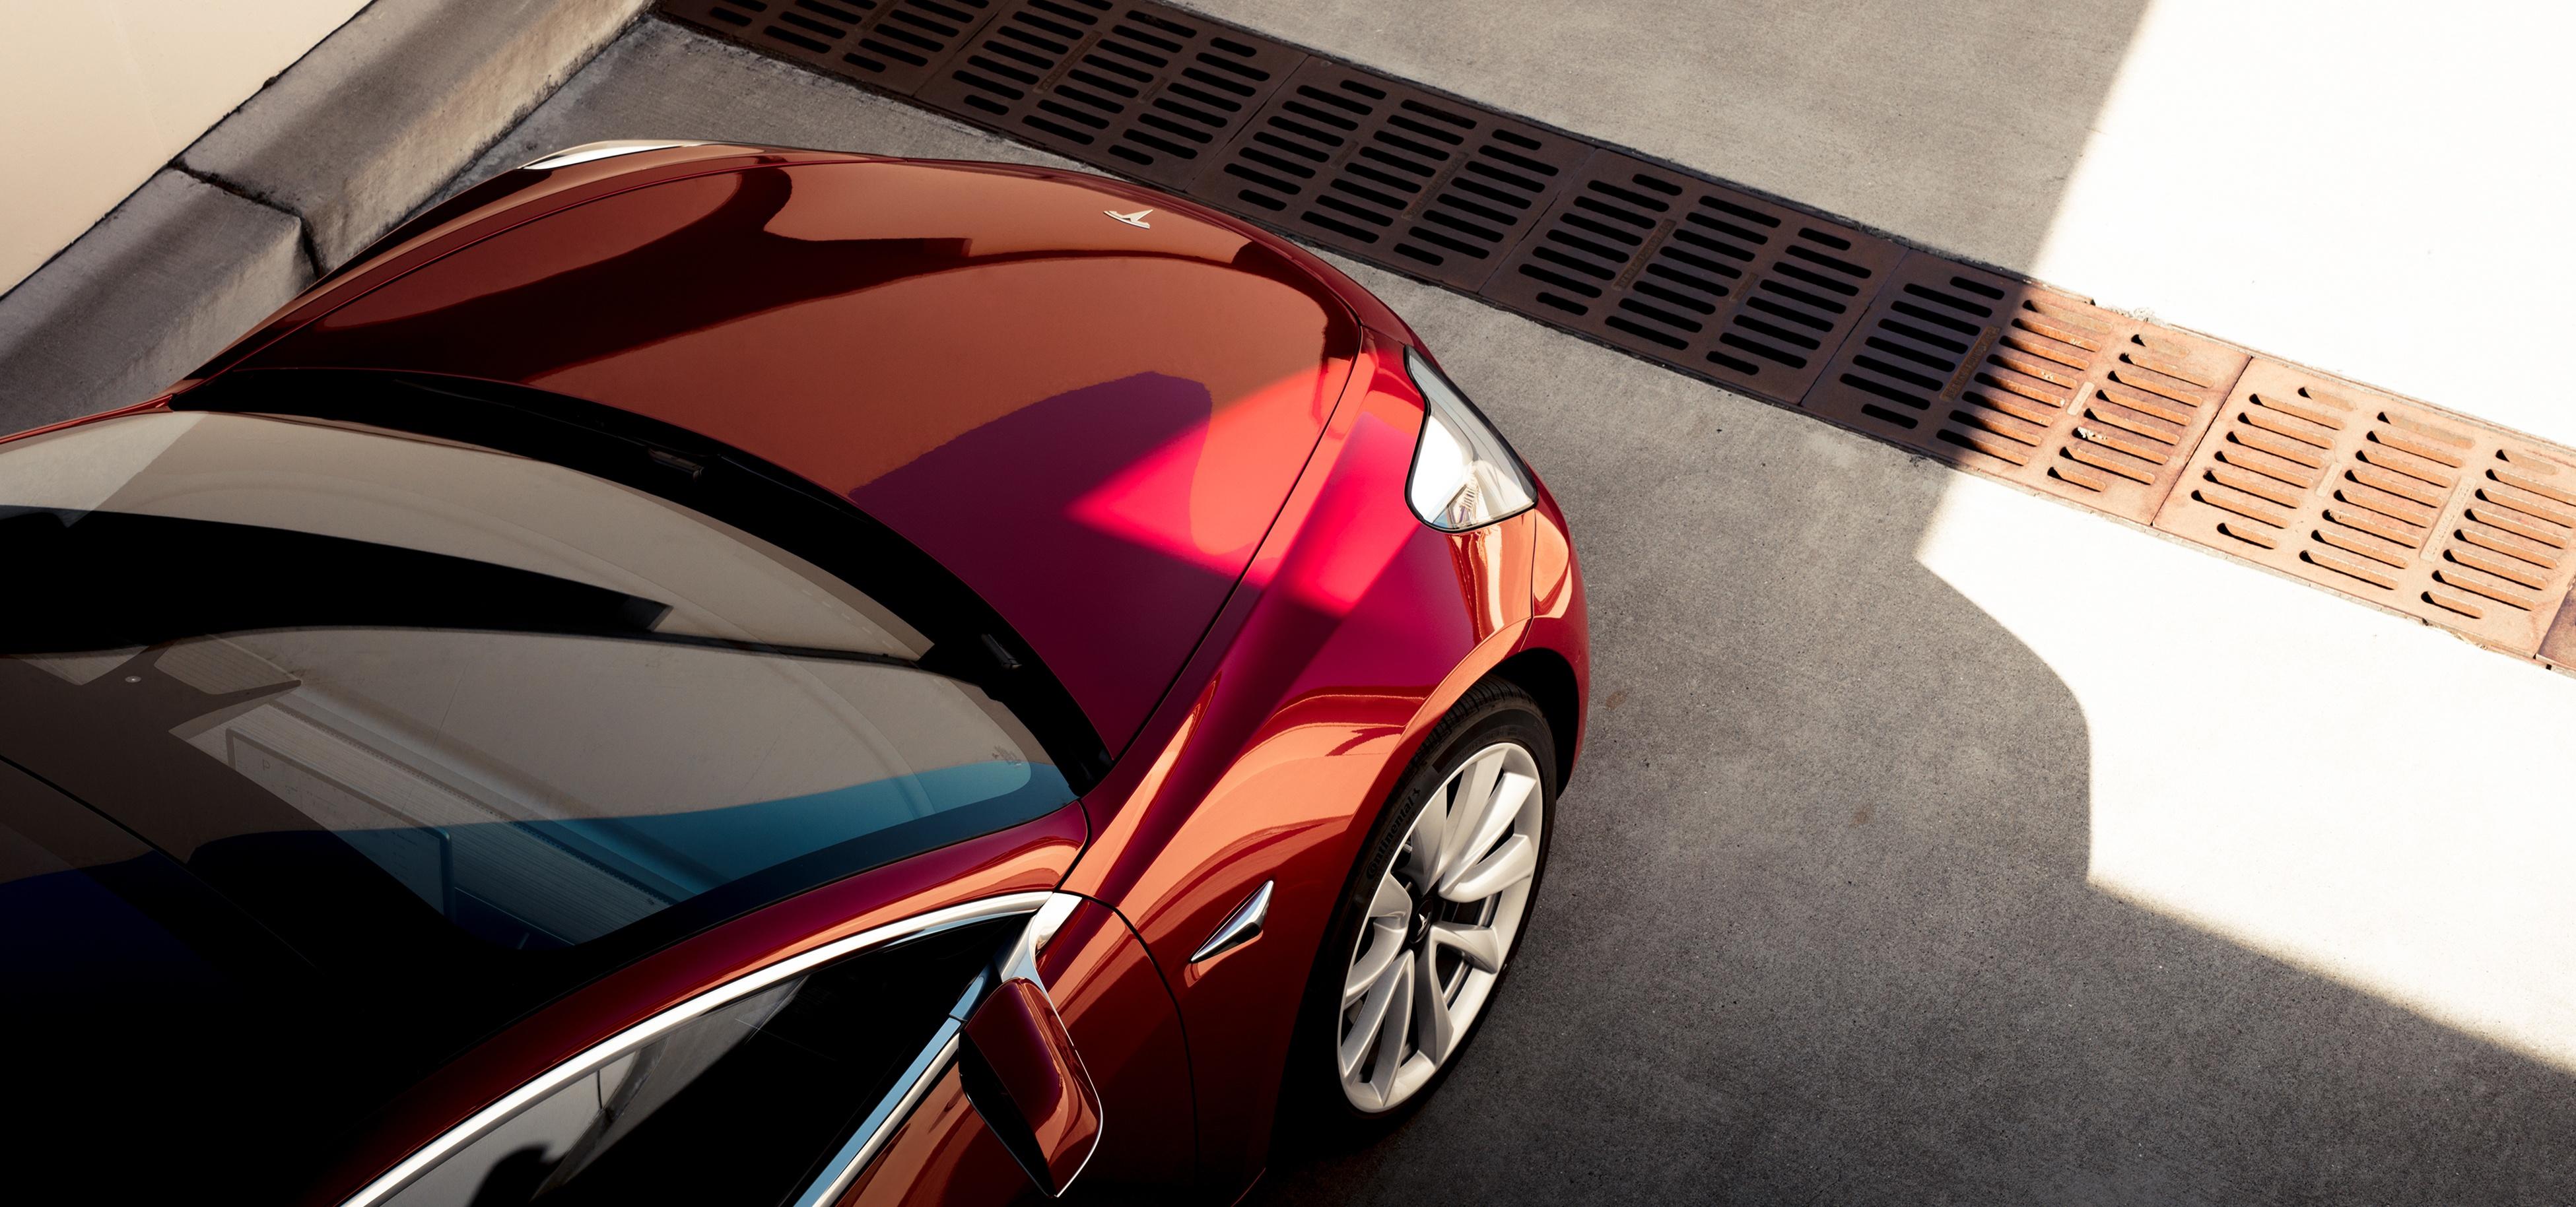 Laadpaal Tesla Model 3 Kopen | Abel&co